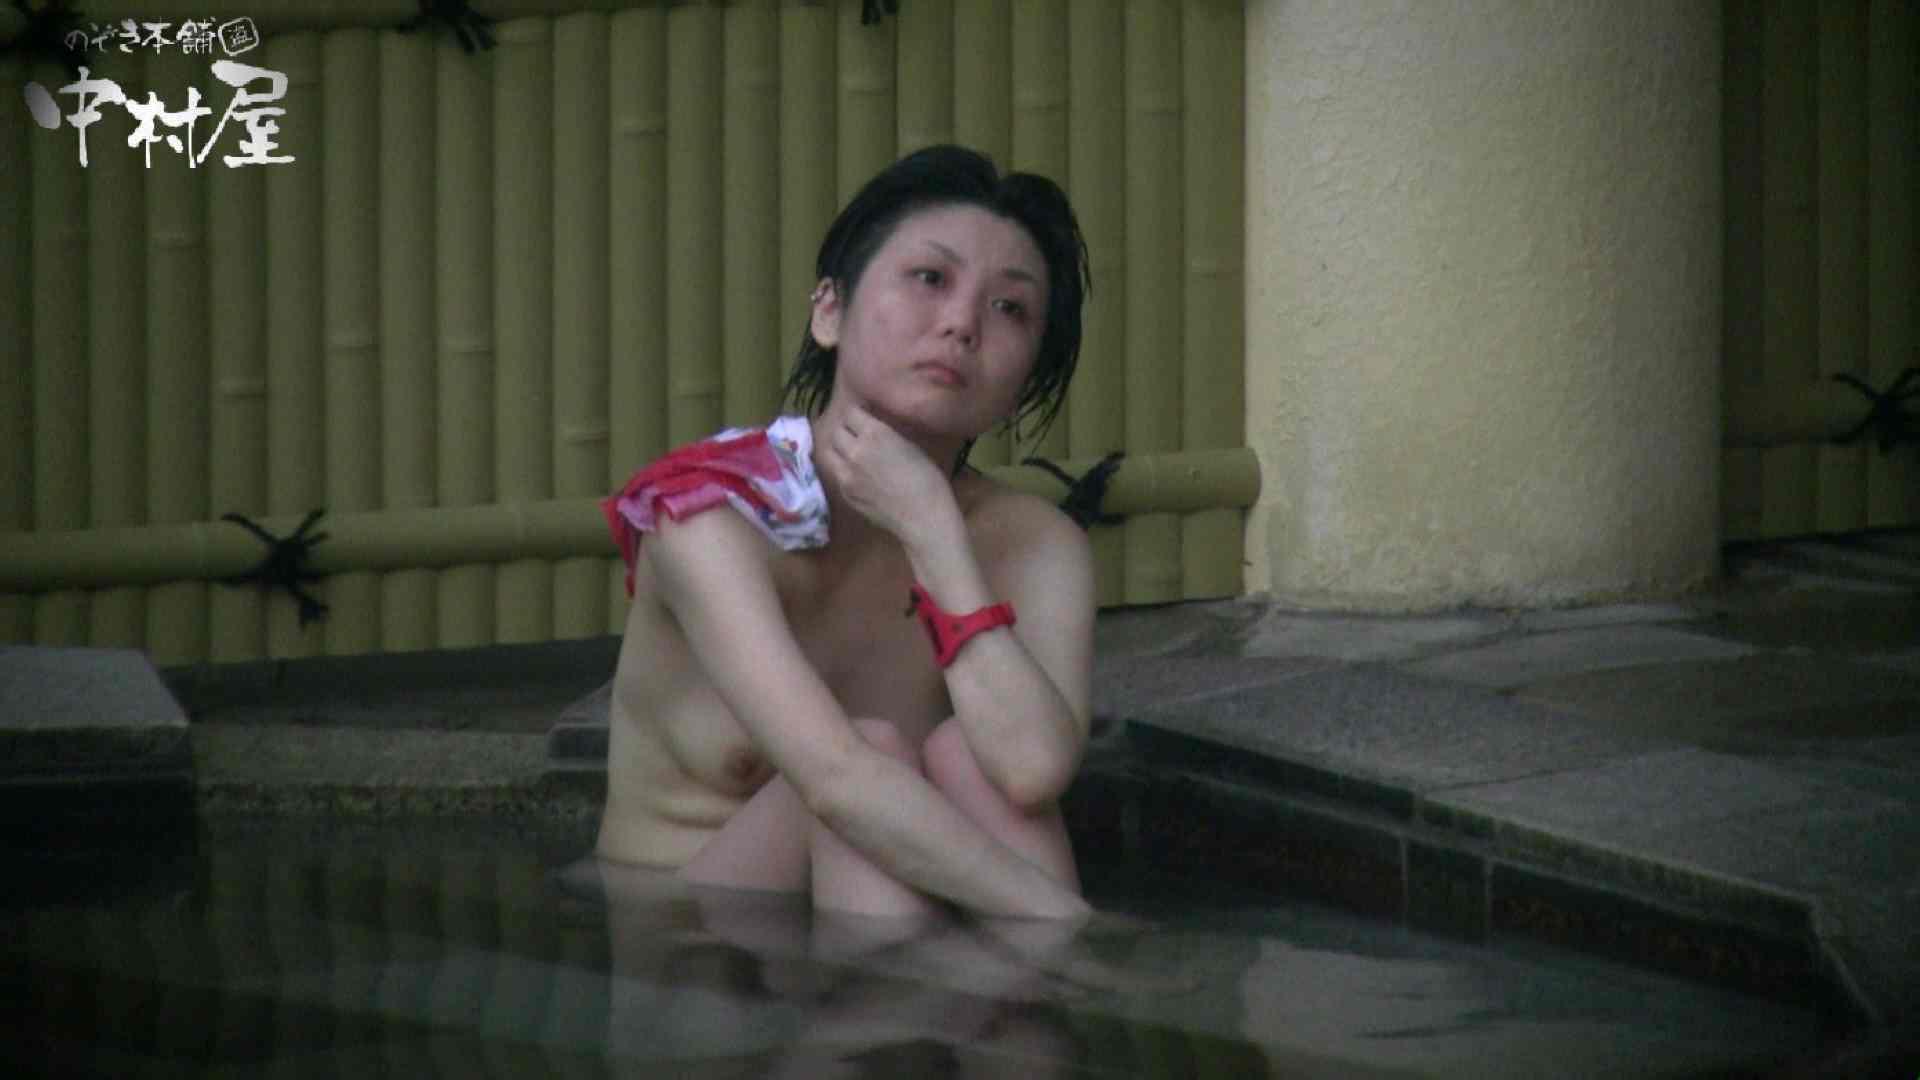 Aquaな露天風呂Vol.884 盗撮特集 | 露天  66画像 62